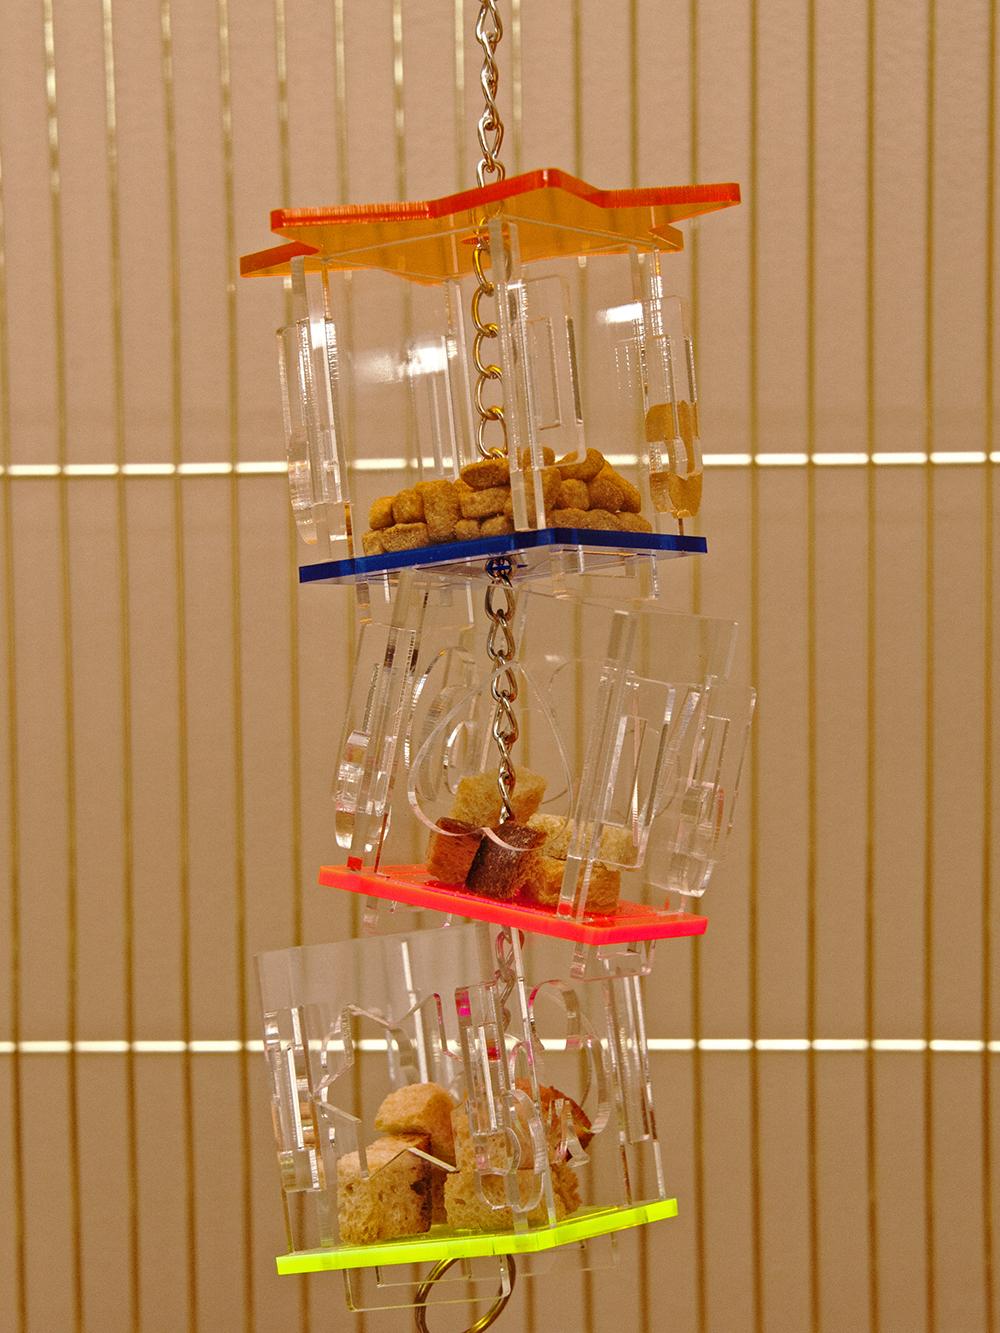 подвесная кормушка для птиц в клетку кеп santa